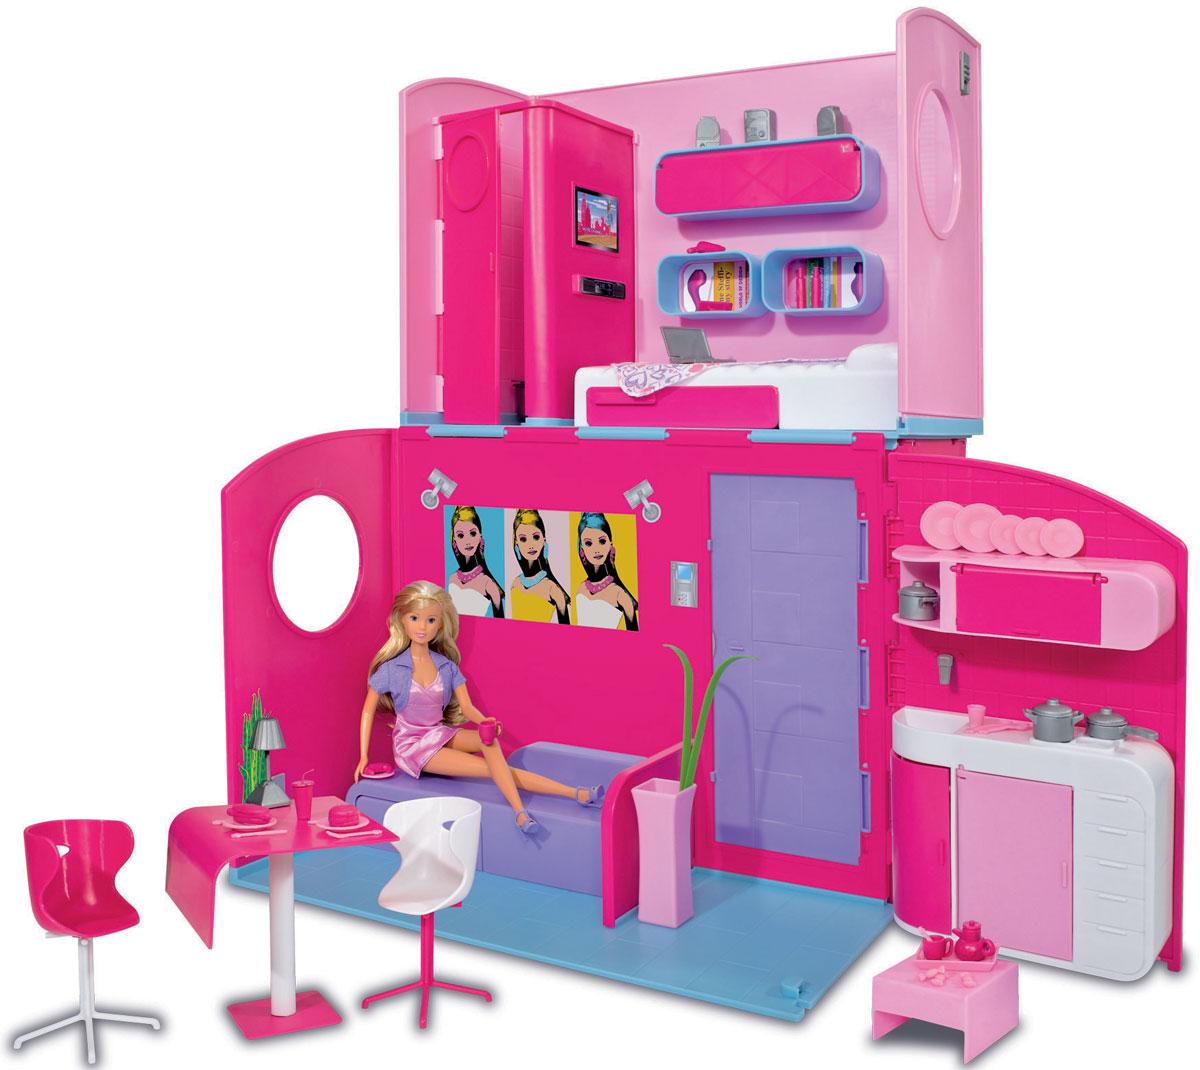 Фото Simba Дом для кукол Штеффи в двухэтажном складывающемся доме. Покупайте с доставкой по России